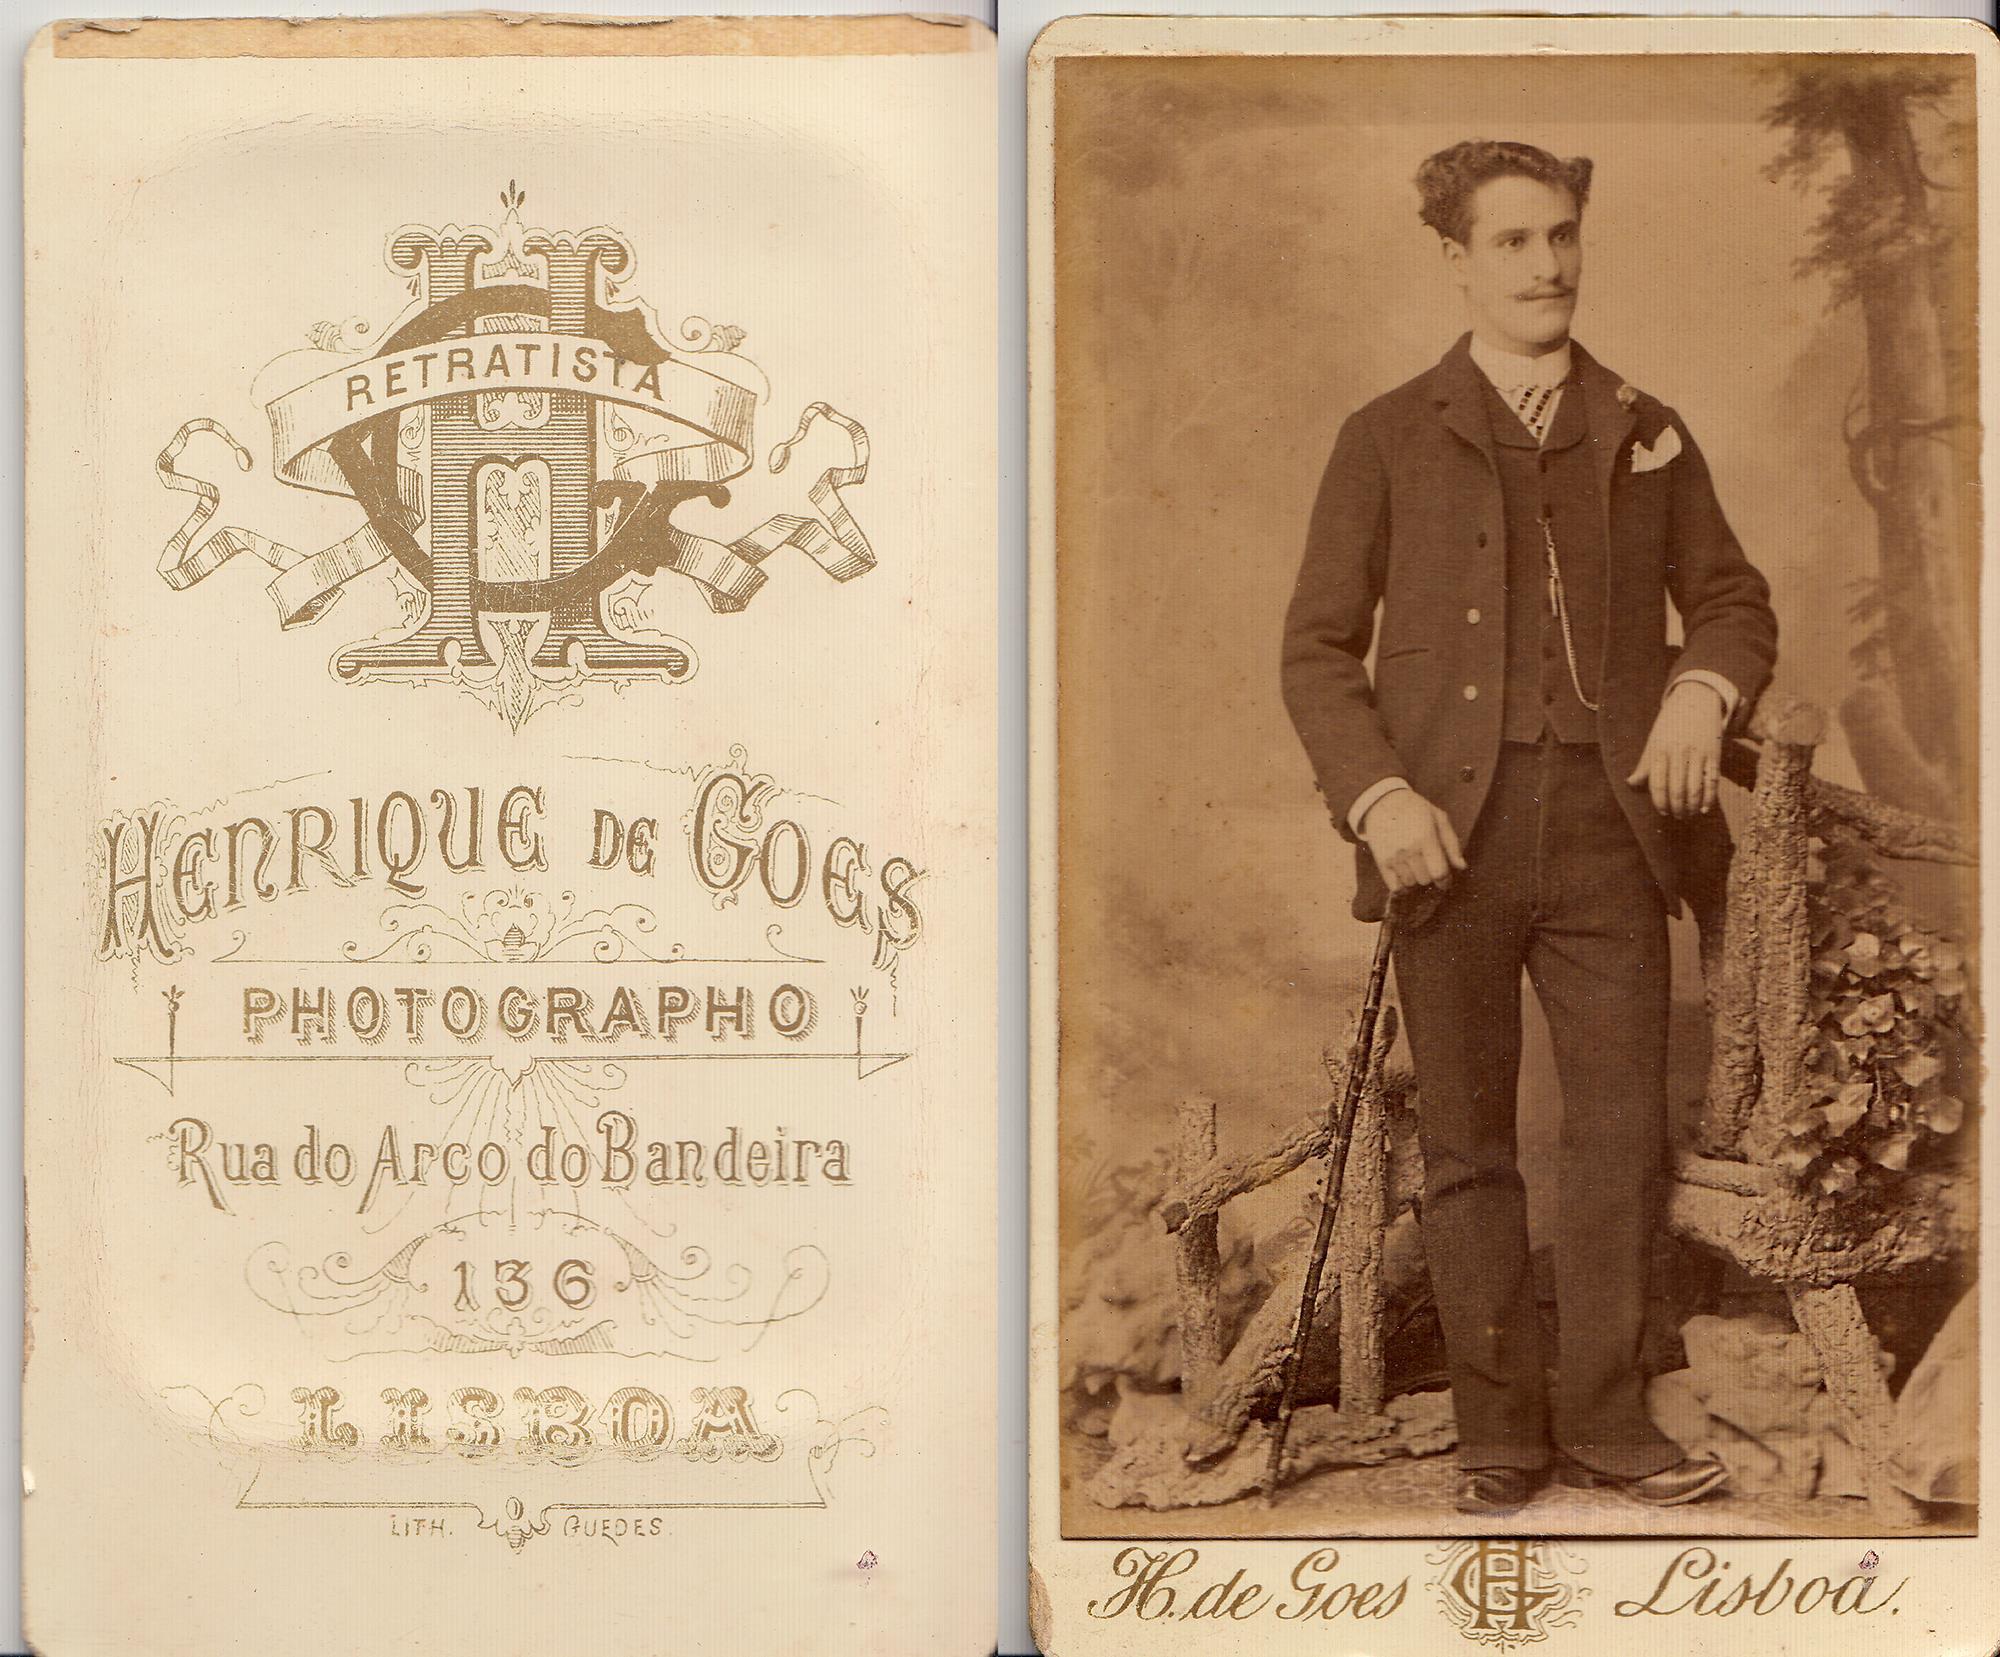 daguerrotipo-1888